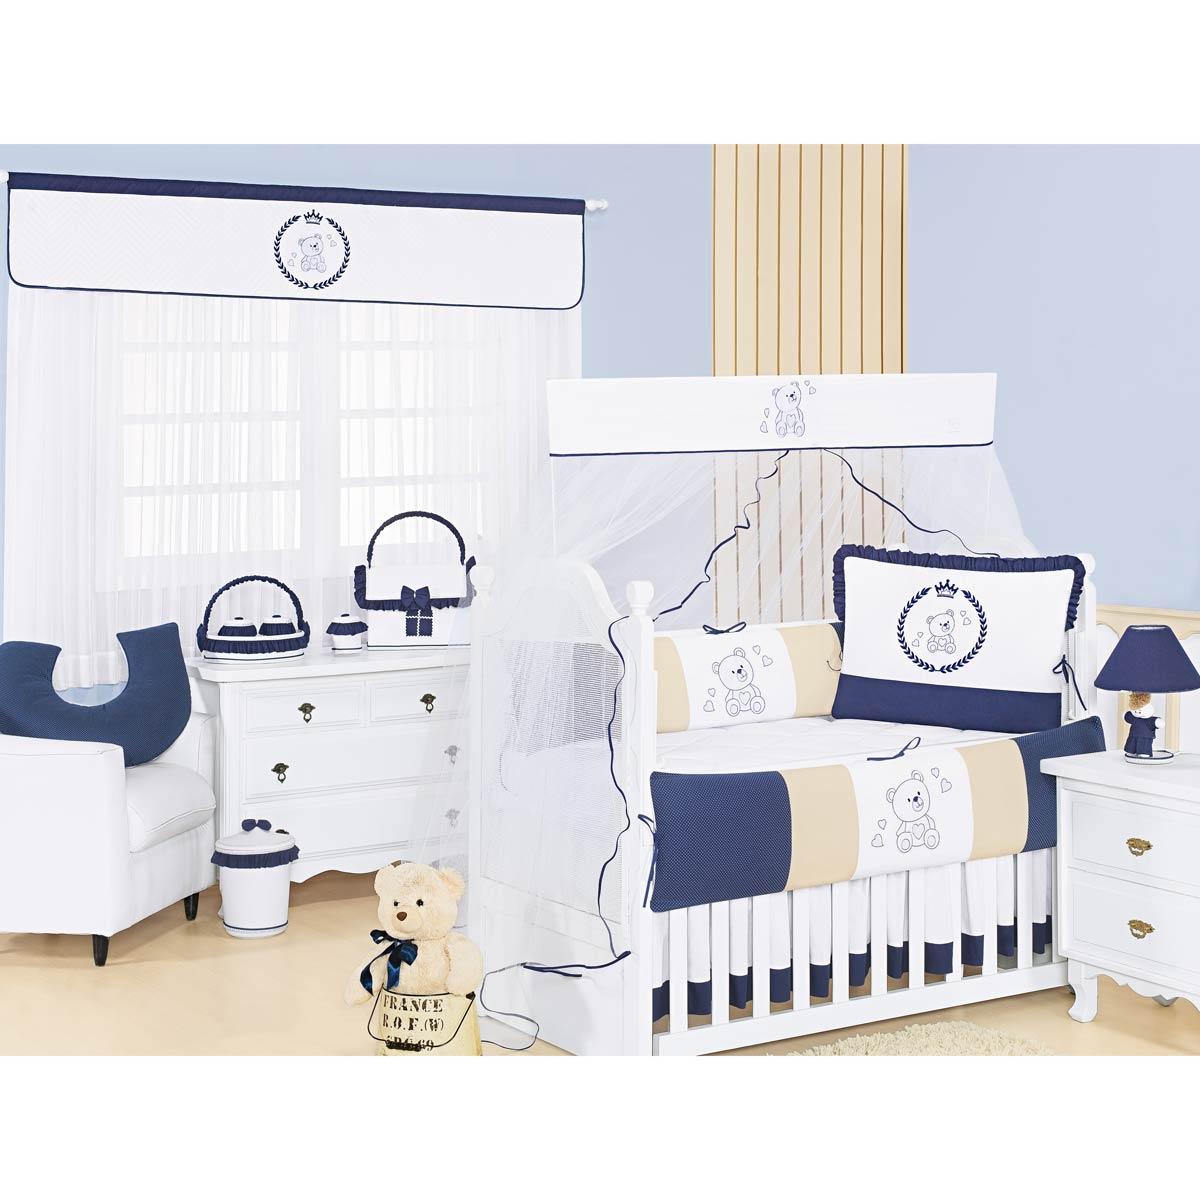 Farmacinha Enfeitada p/ Quarto de Bebê - Coleção Imperialle Marinho